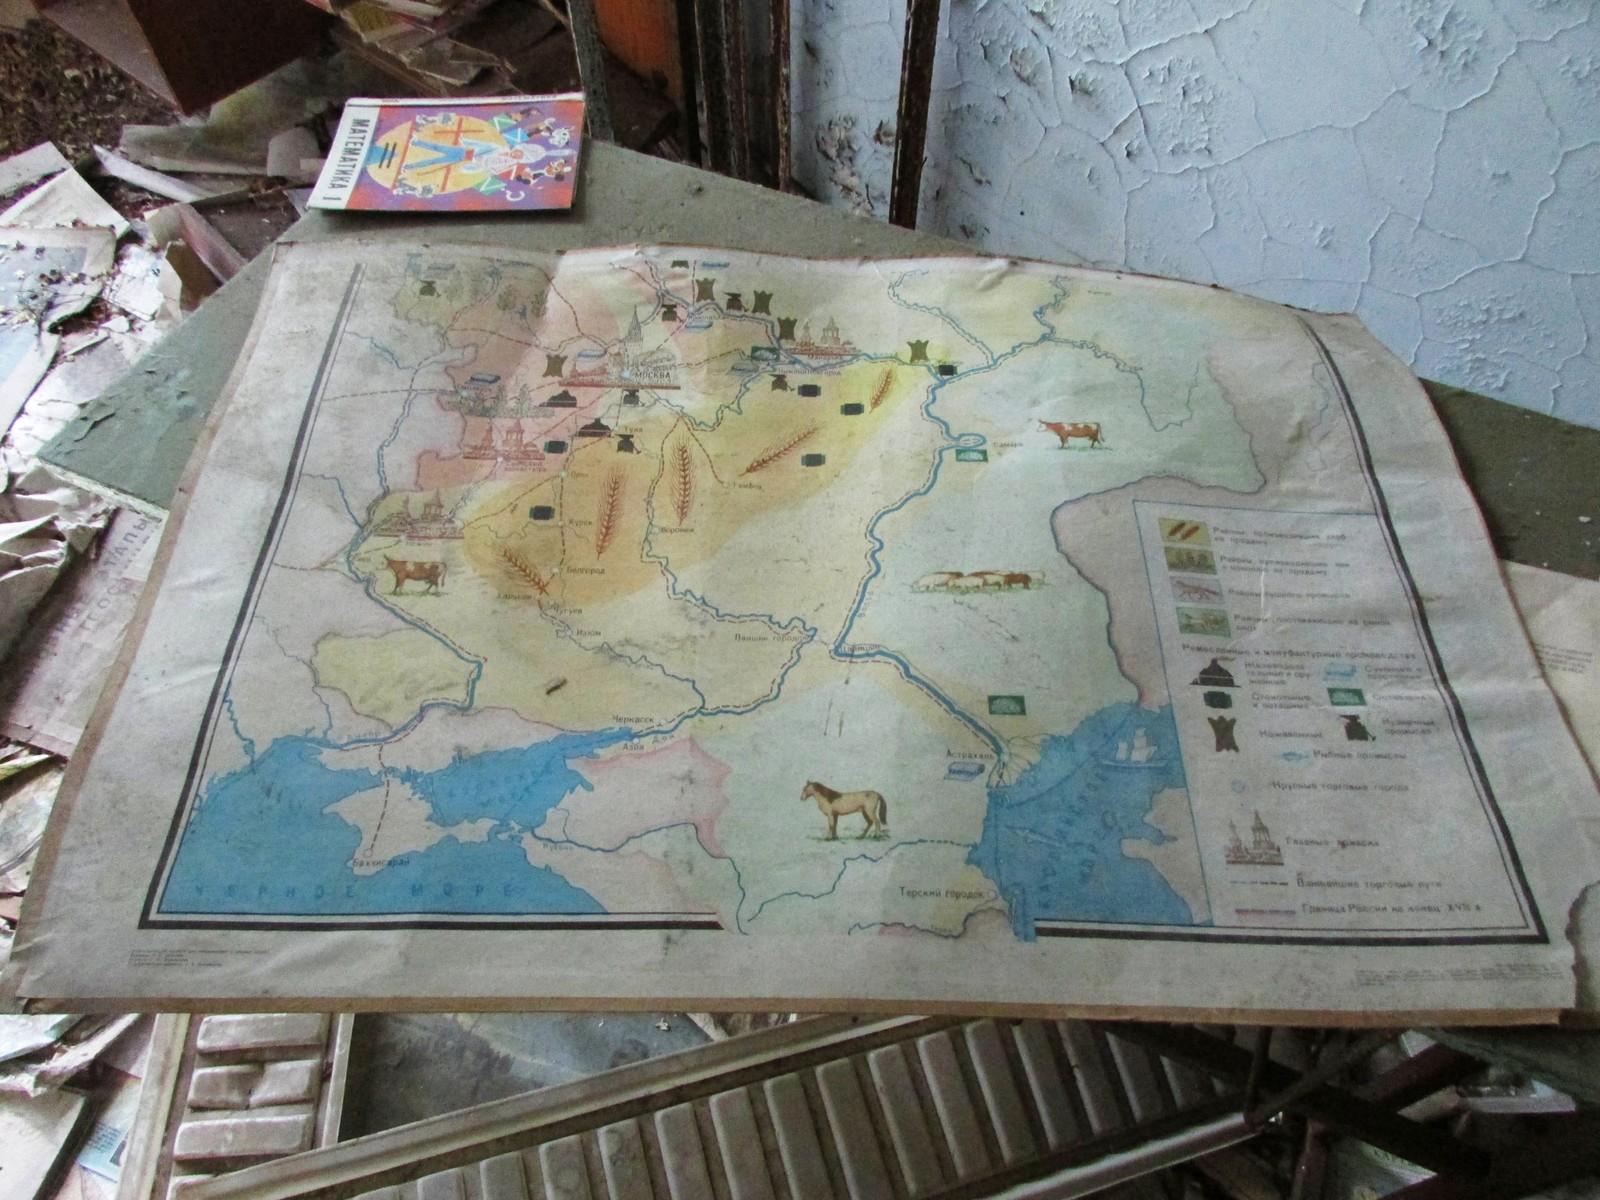 En plansje inne på skole nummer fire som skulle vise elevene hva man produserte i Sovjetunionens forskjellige regioner.